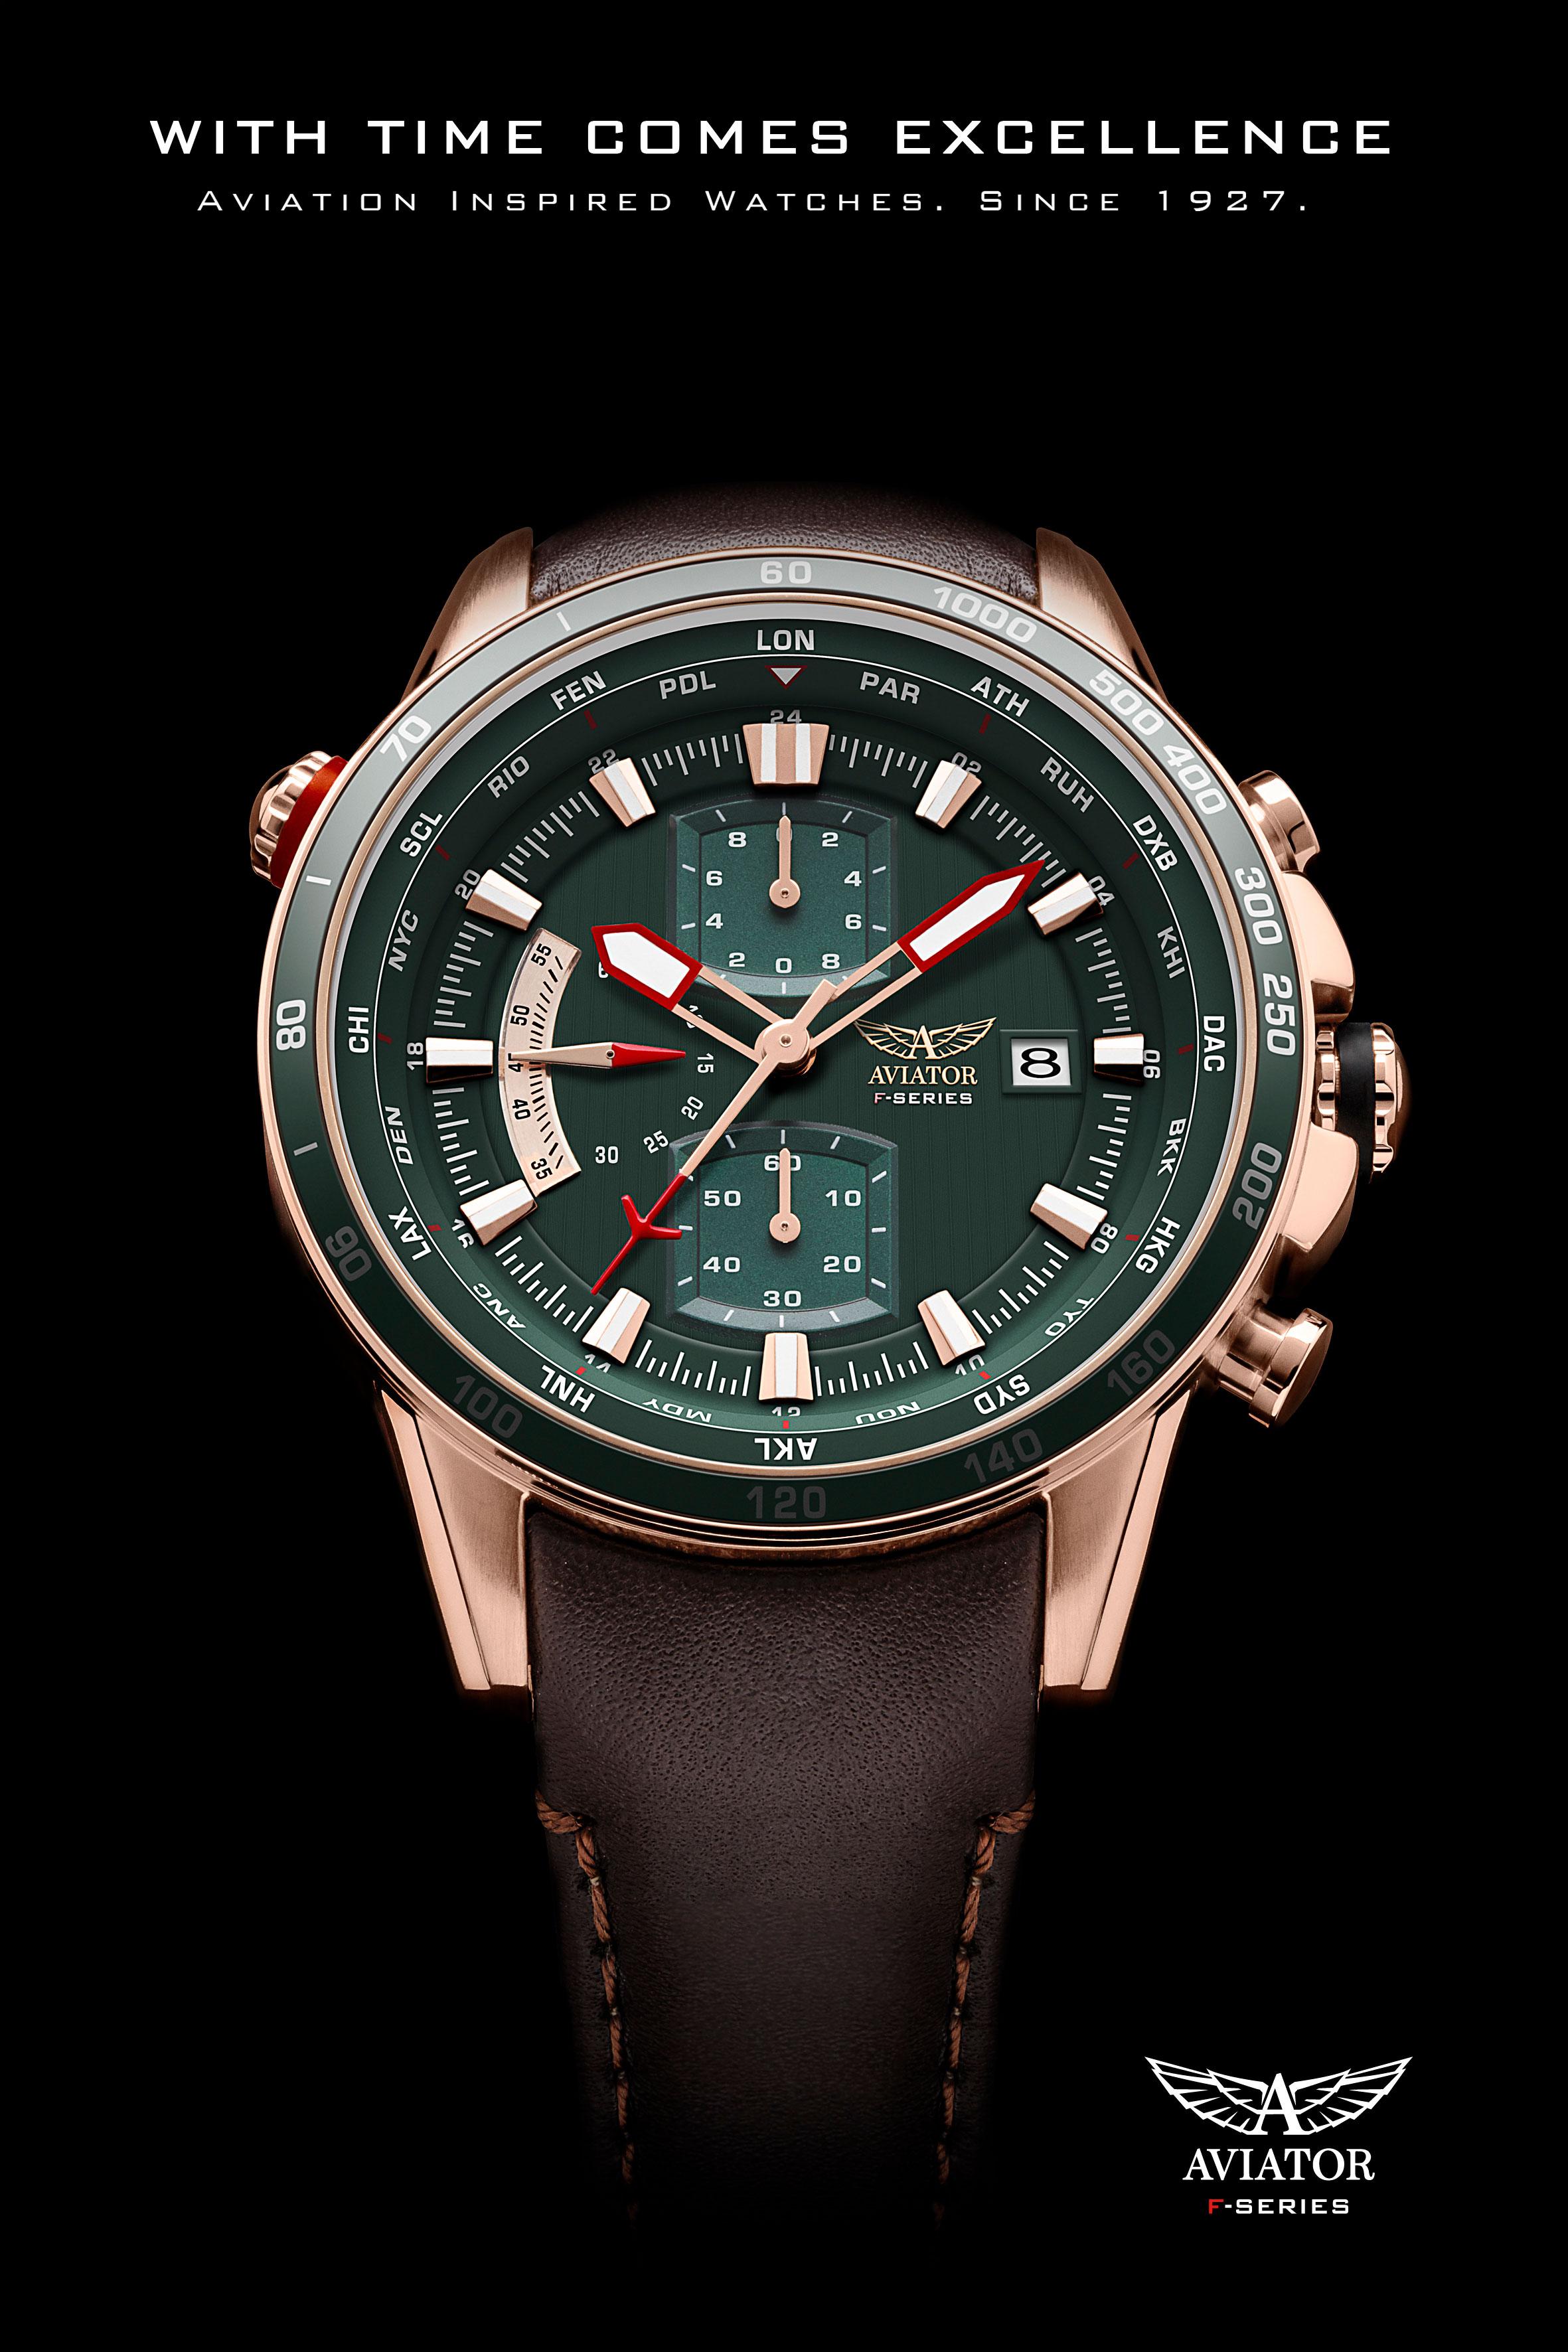 aviator-avw2020g288-watch_scorpio-worldwide_travel-retail-distributor